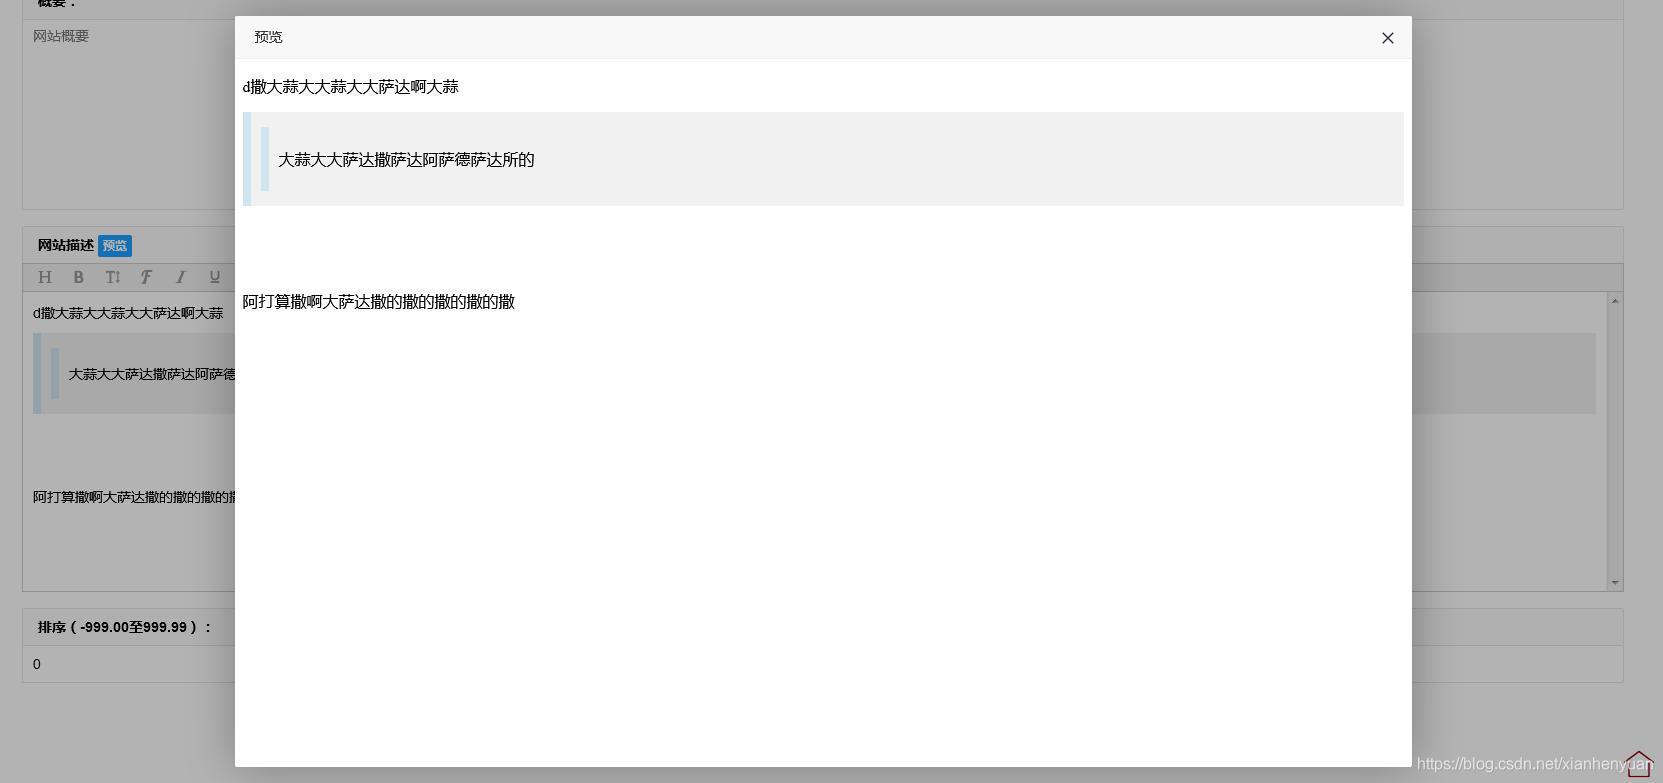 layui 打开新页面,并传入参数